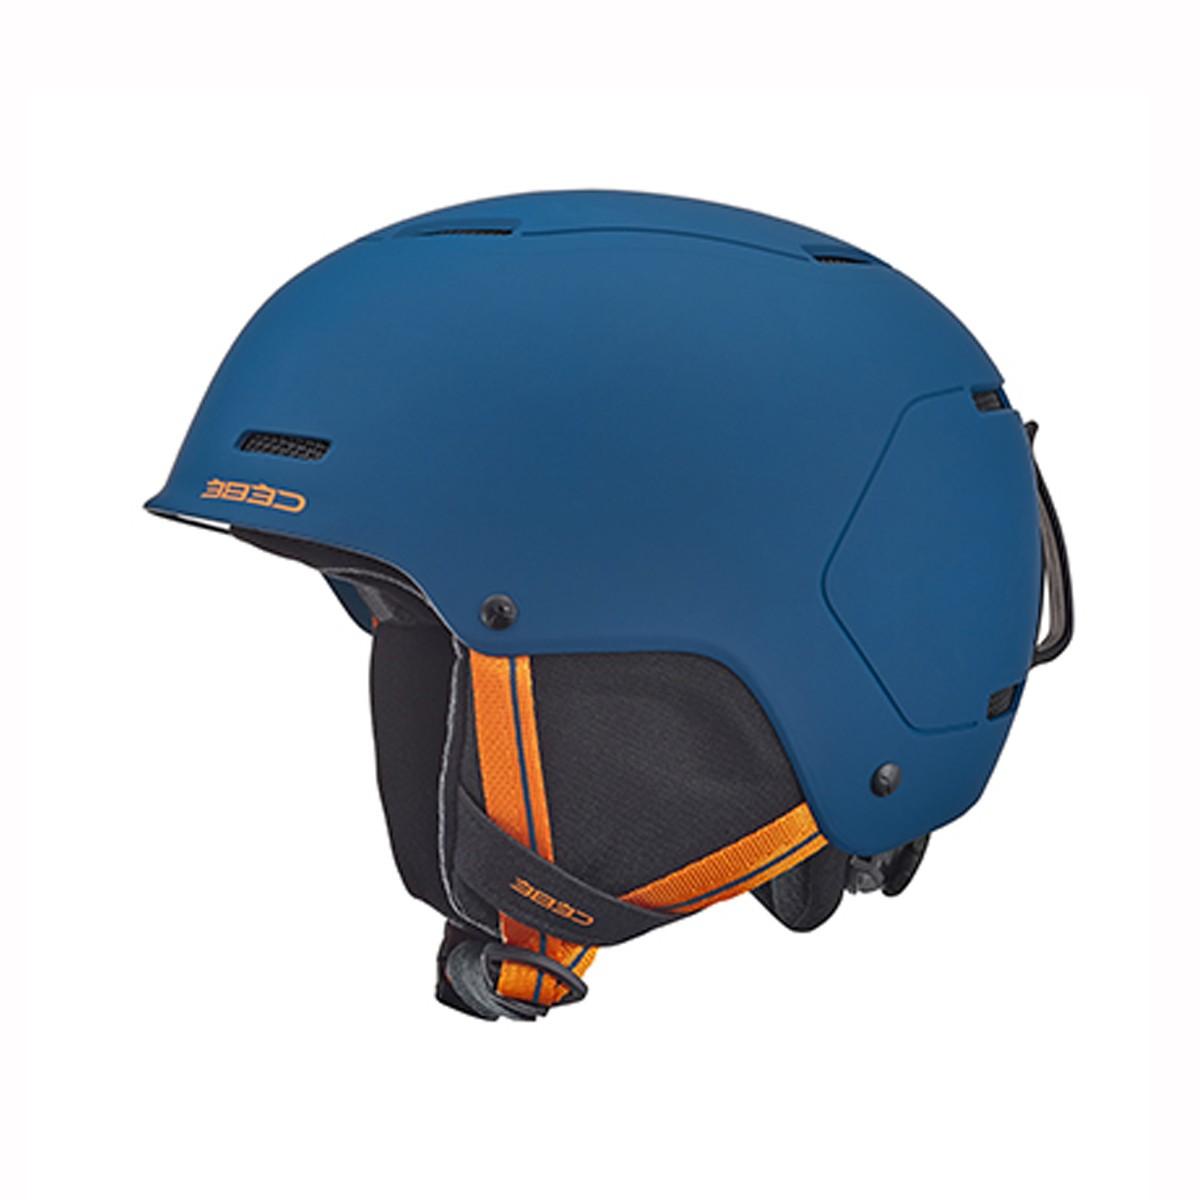 Casco Sci Bow (Colore: Full Matt Dark Blue, Taglia: 4851)